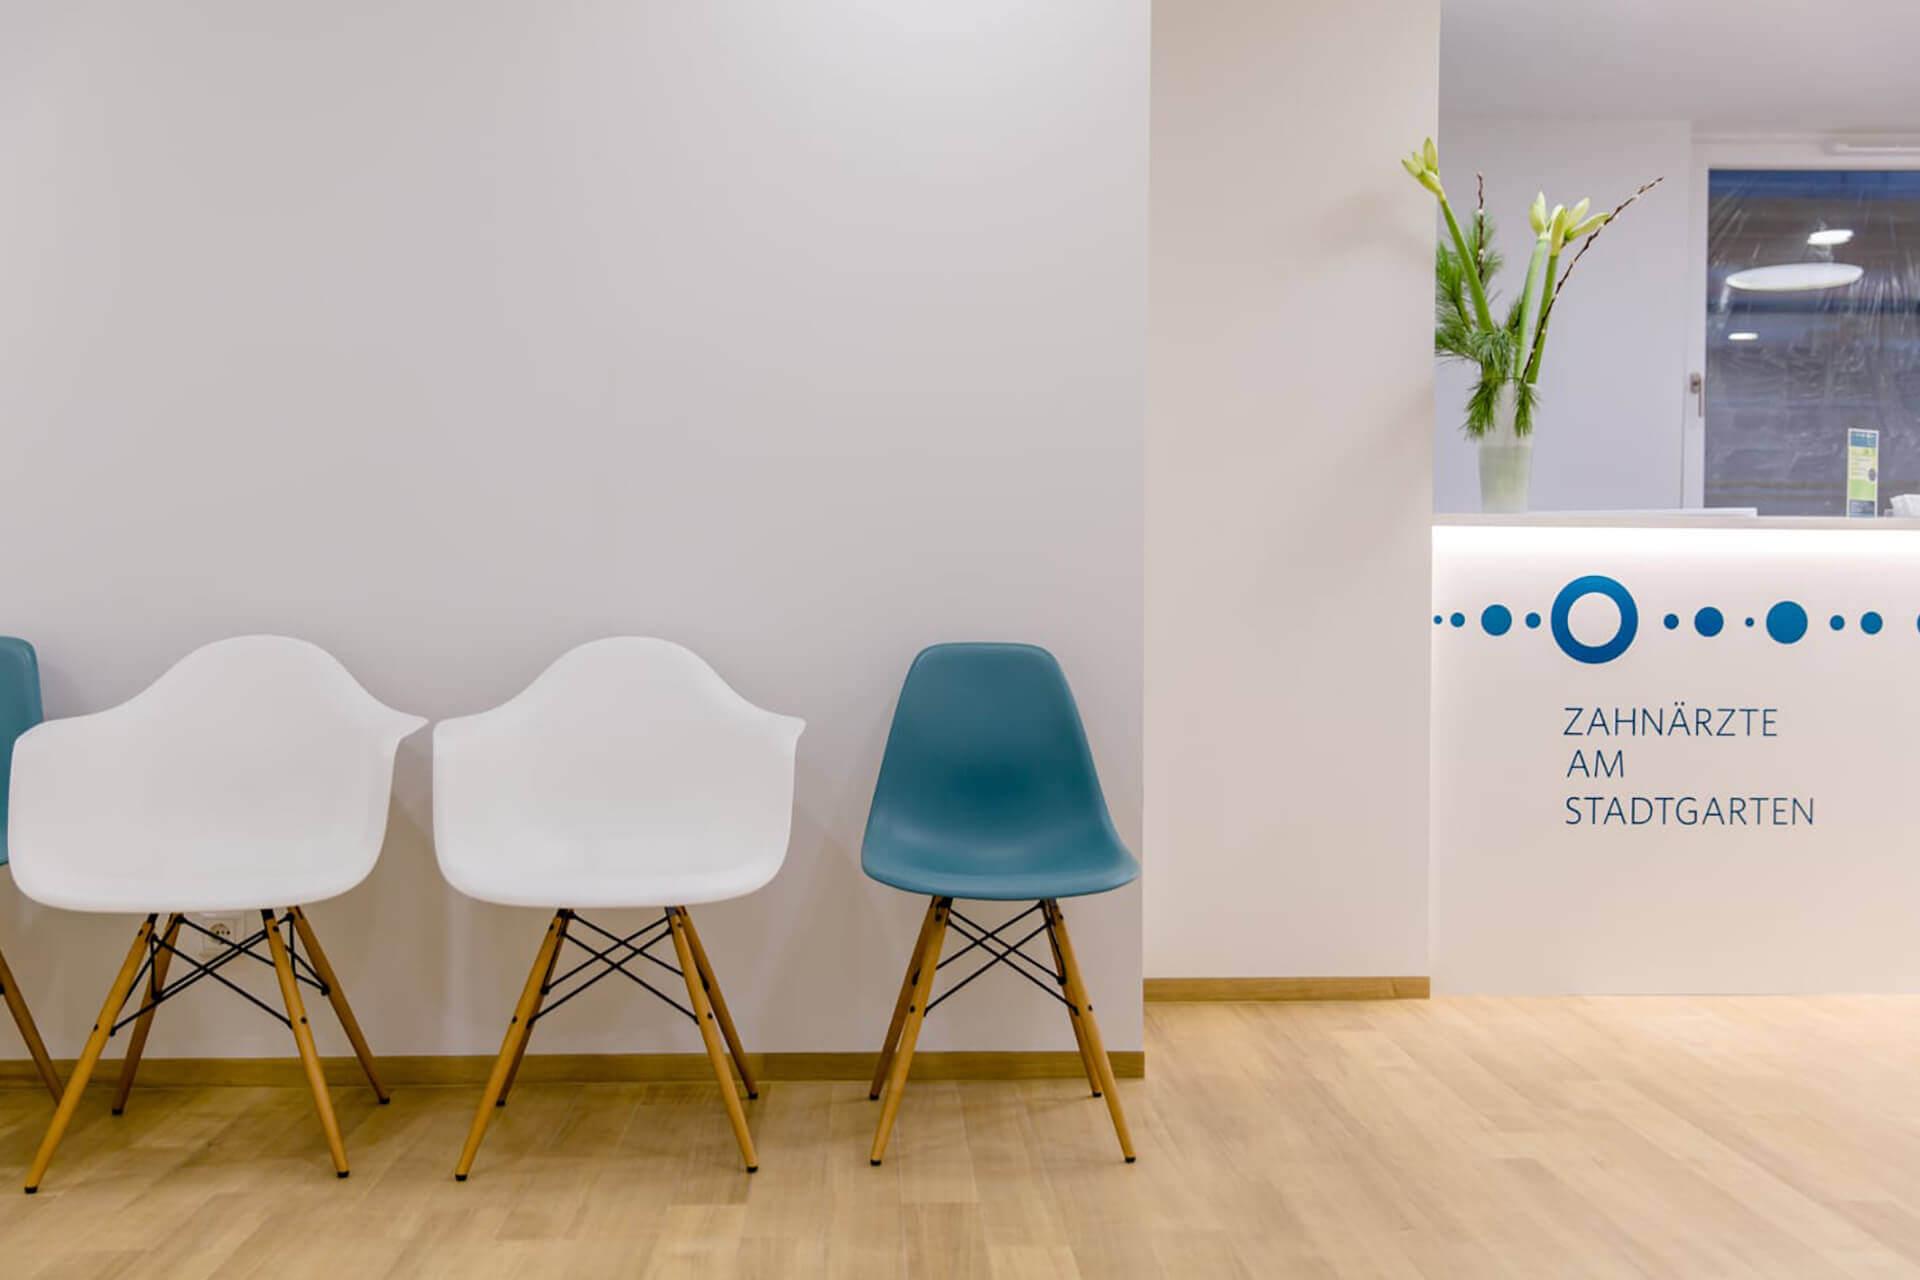 Das Wartezimmer in unserer Zahnarztpraxis